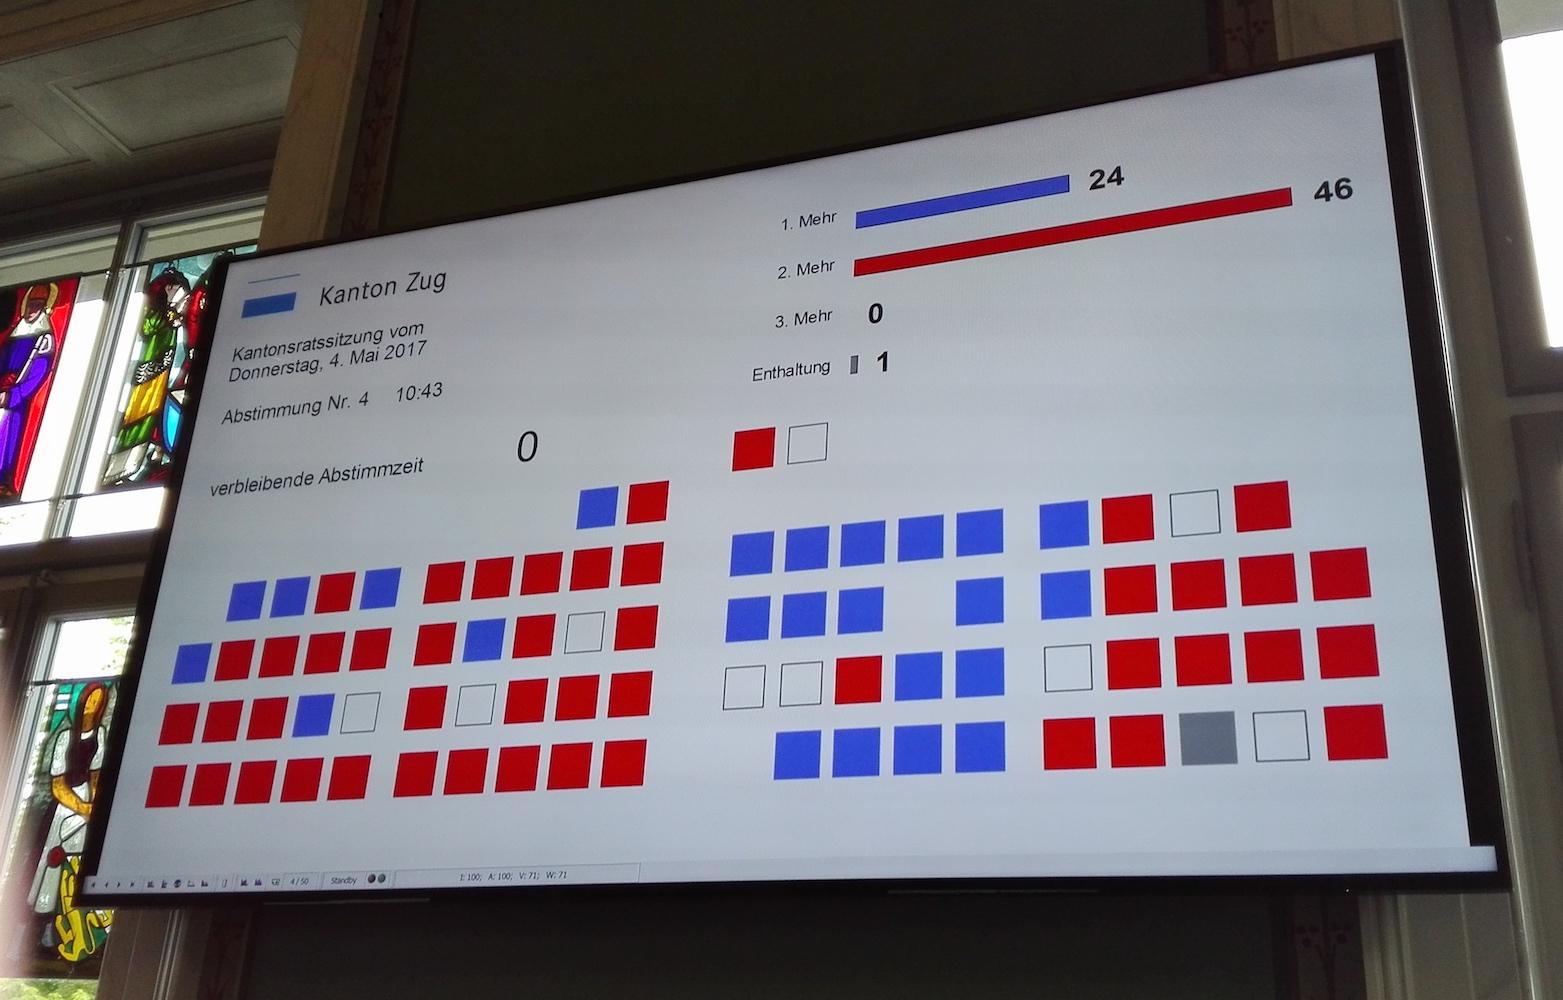 FDP und Teile der SVP (blau) waren für eine Abschreibungspraxis, die der Regierung mehr Spielraum gelassen und den Spardruck vermindert hätte. Sie waren in der Minderheit.